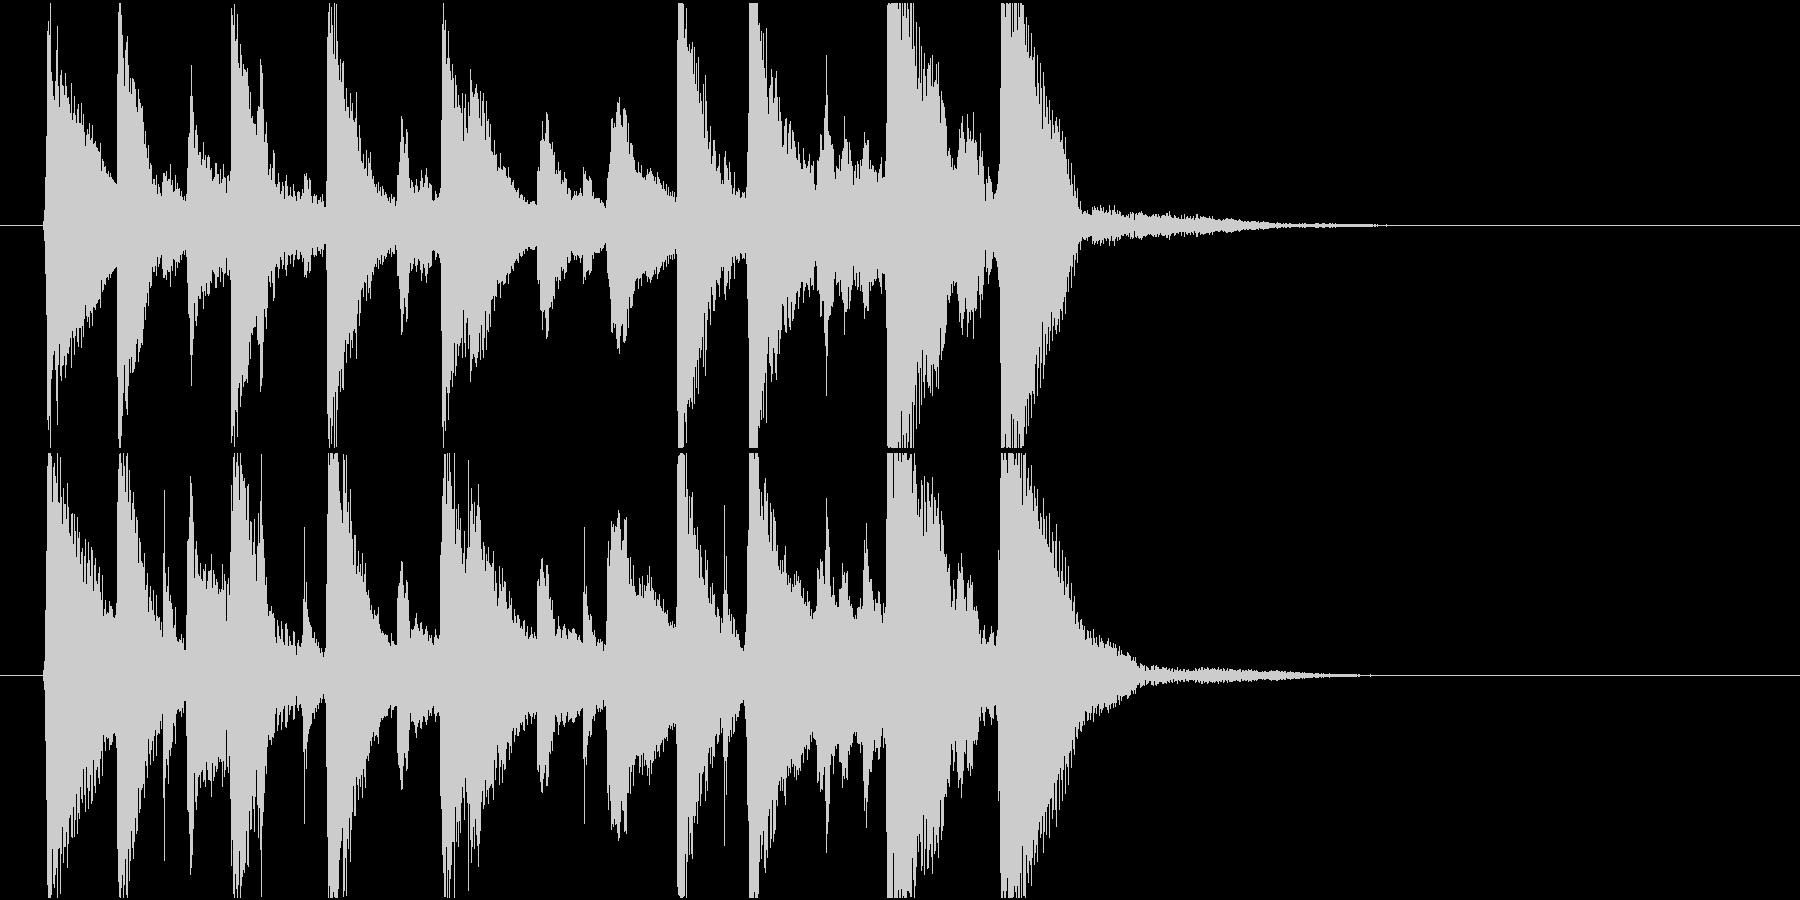 いたずらっぽく楽しいミディアムスイング3の未再生の波形